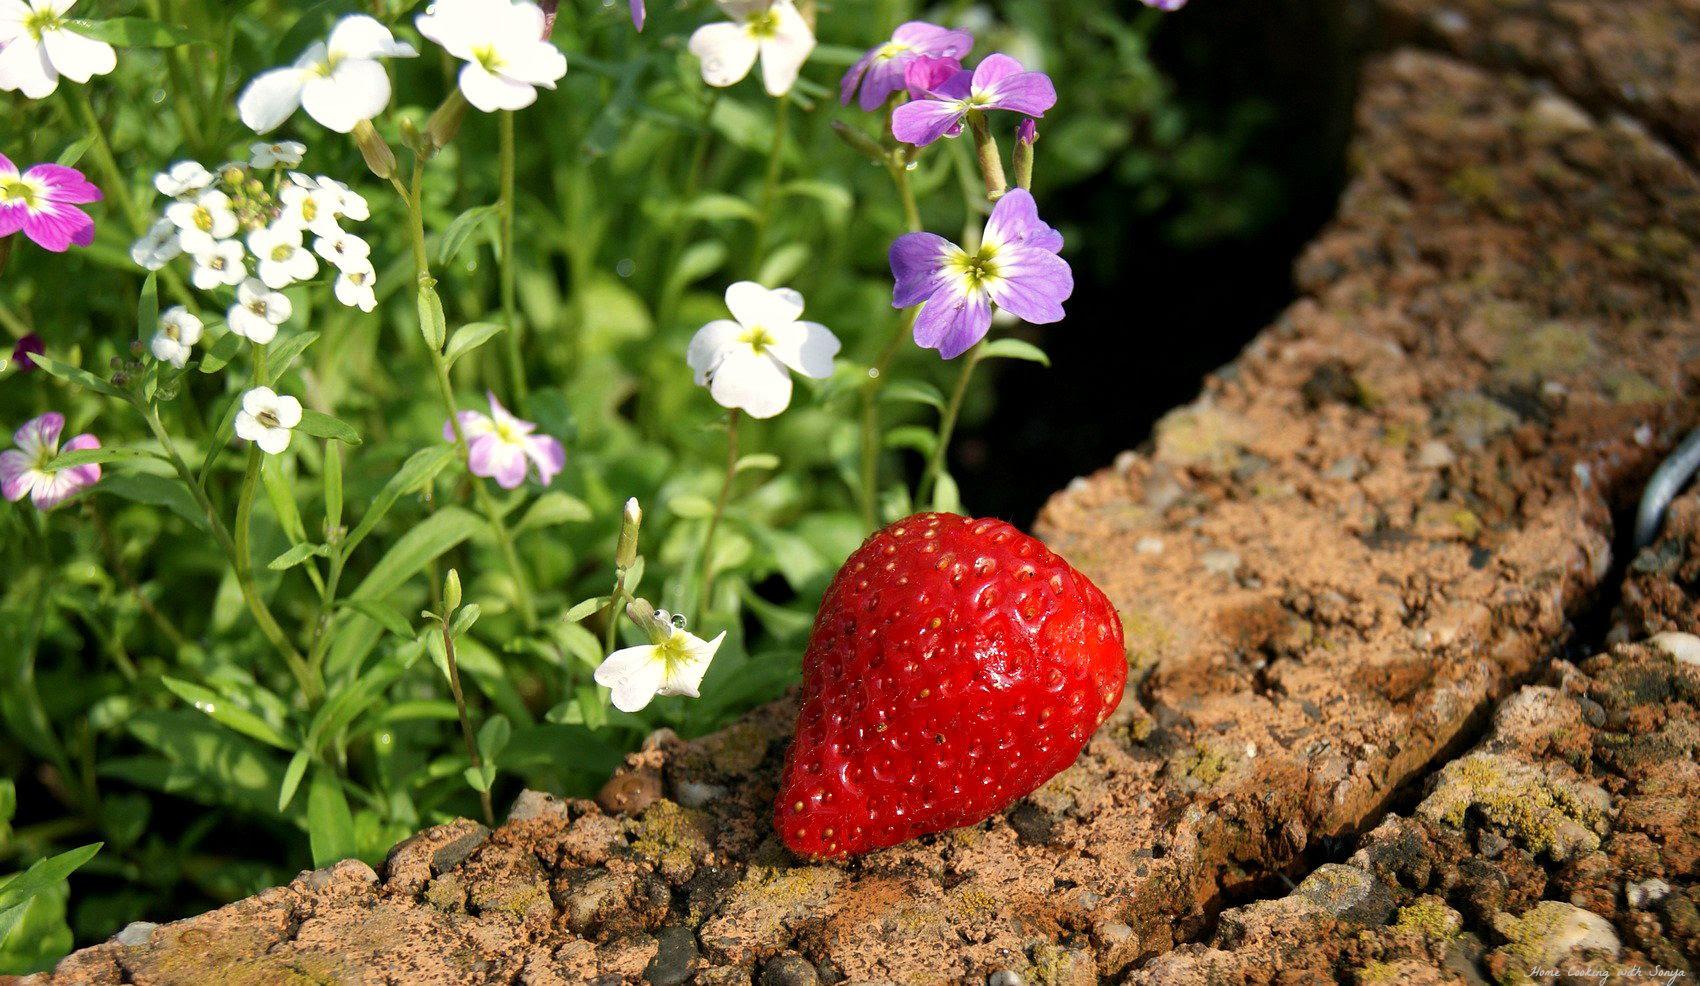 Mon June 2, 2014 photo berryharvest1_zps5b2ac9e7.jpg